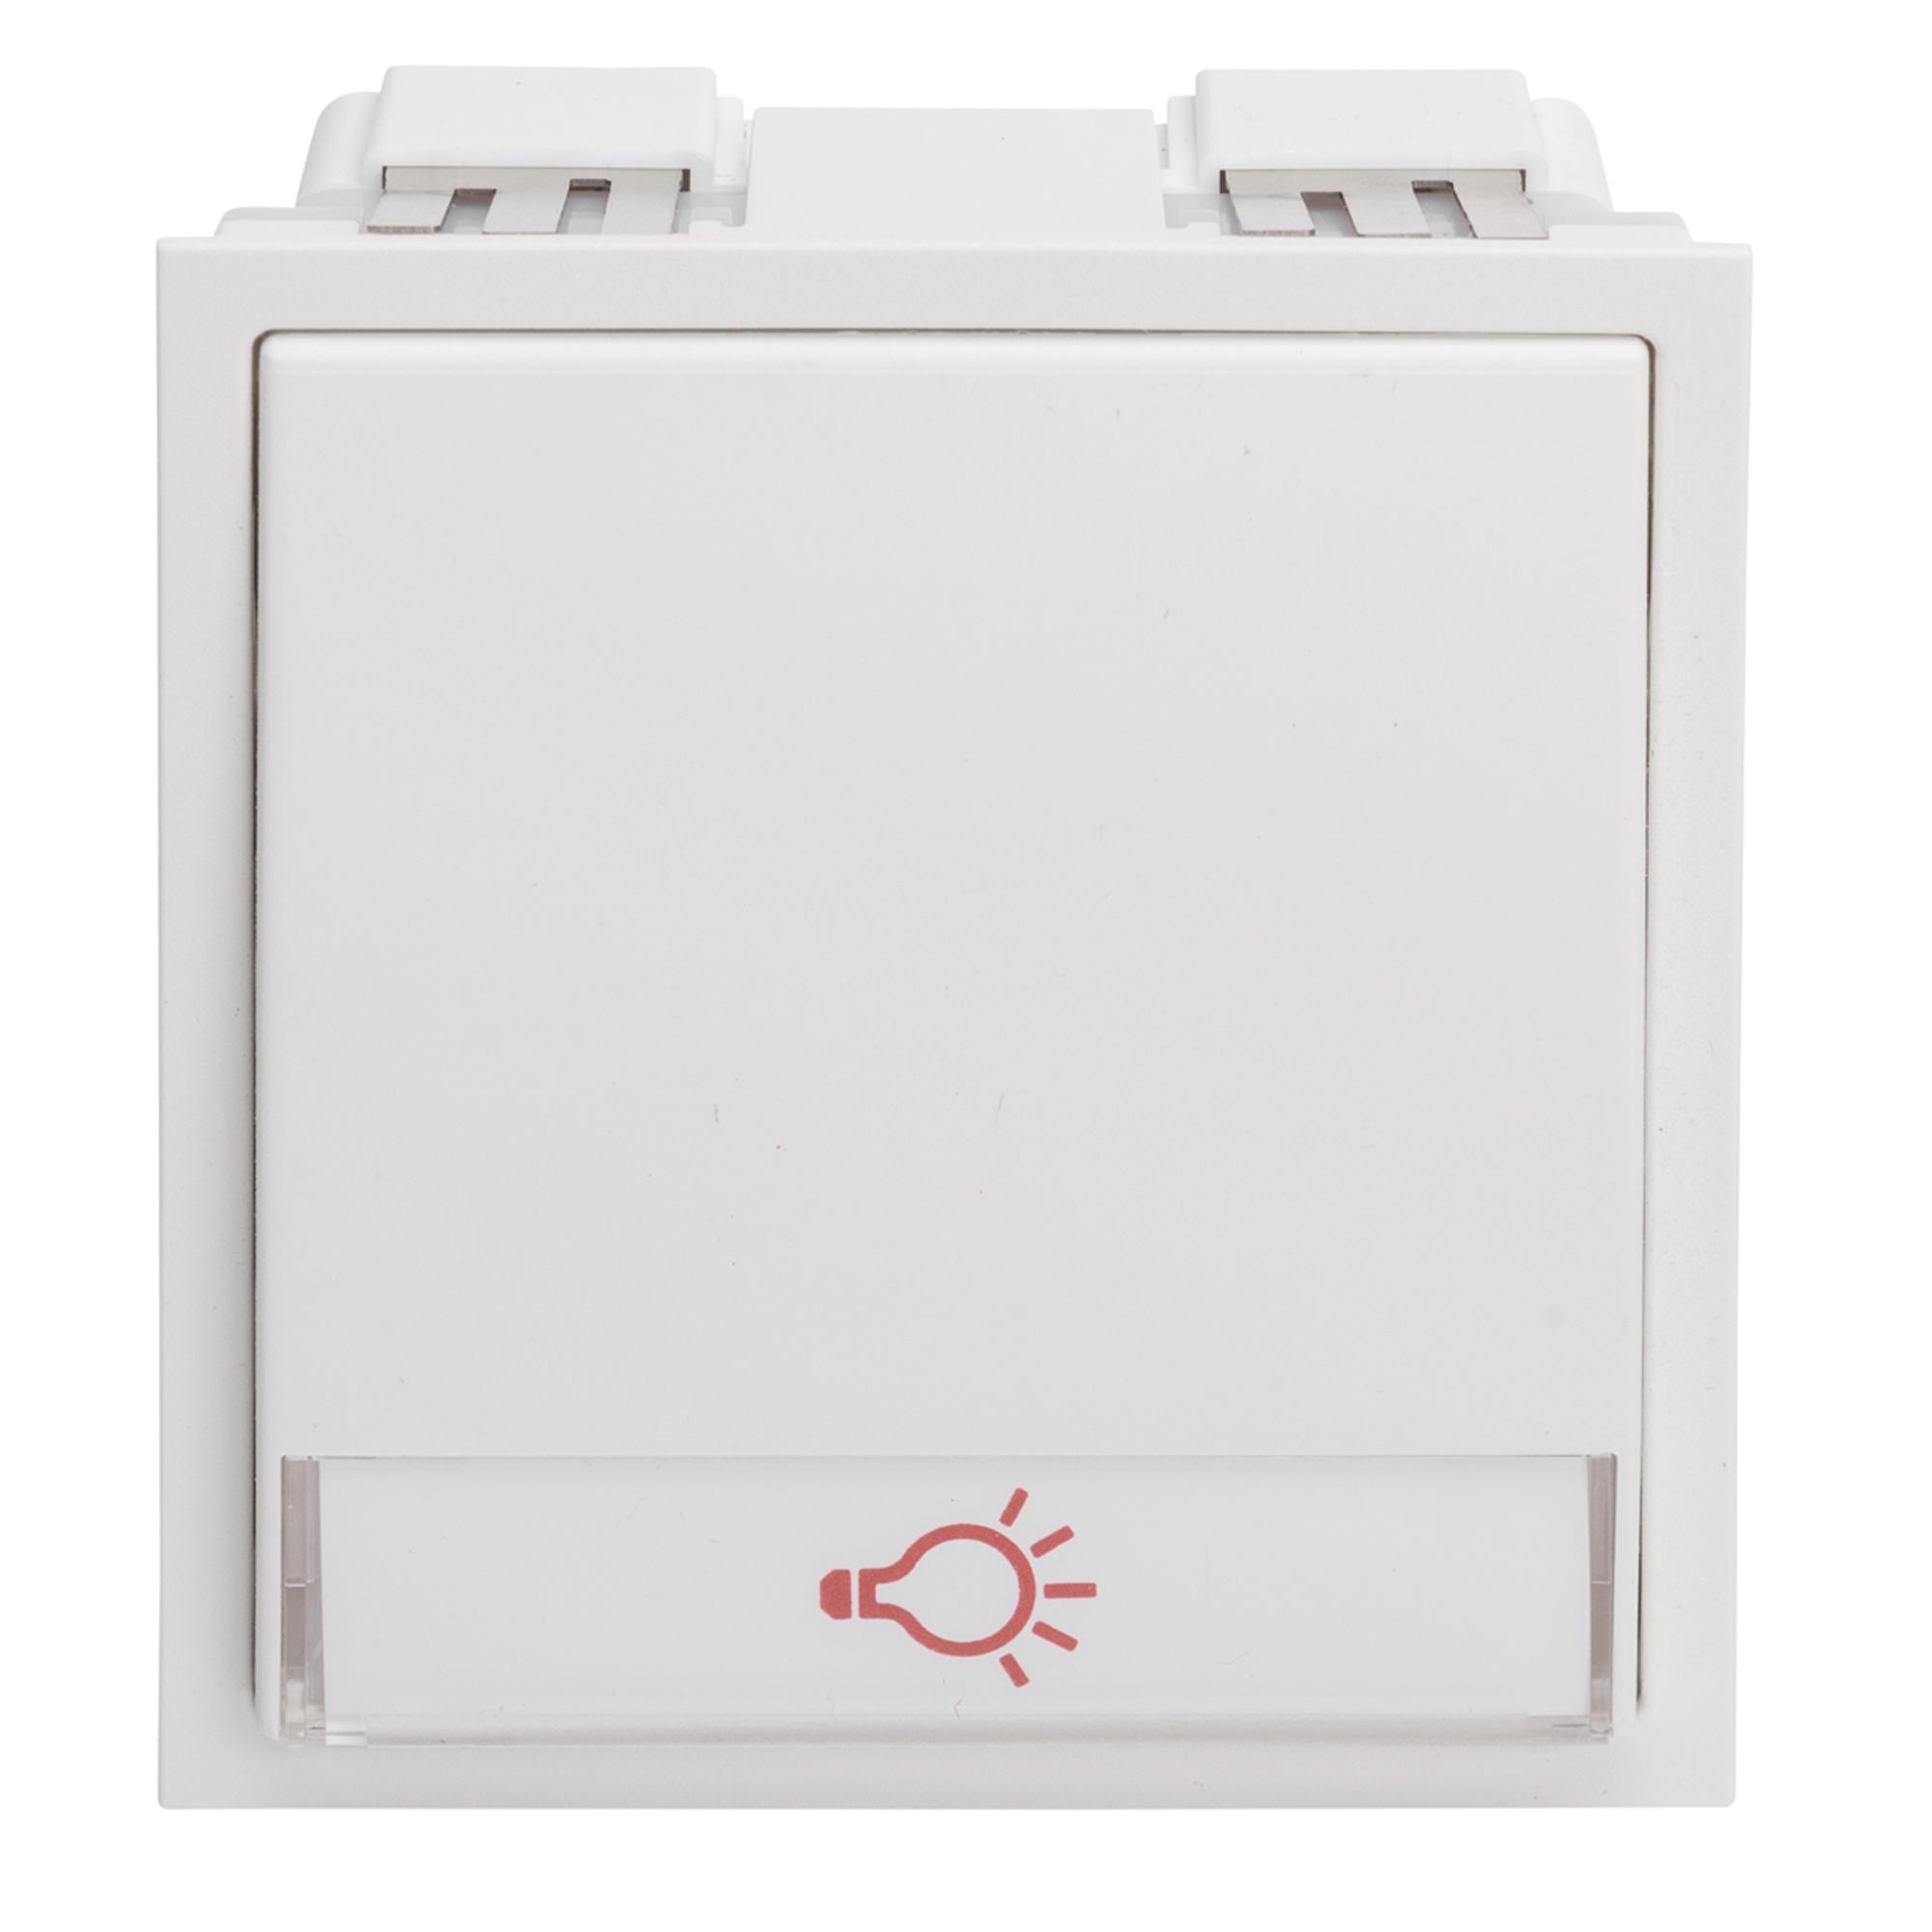 Renz Tastenmodul mit 1 Lichttaster weiß